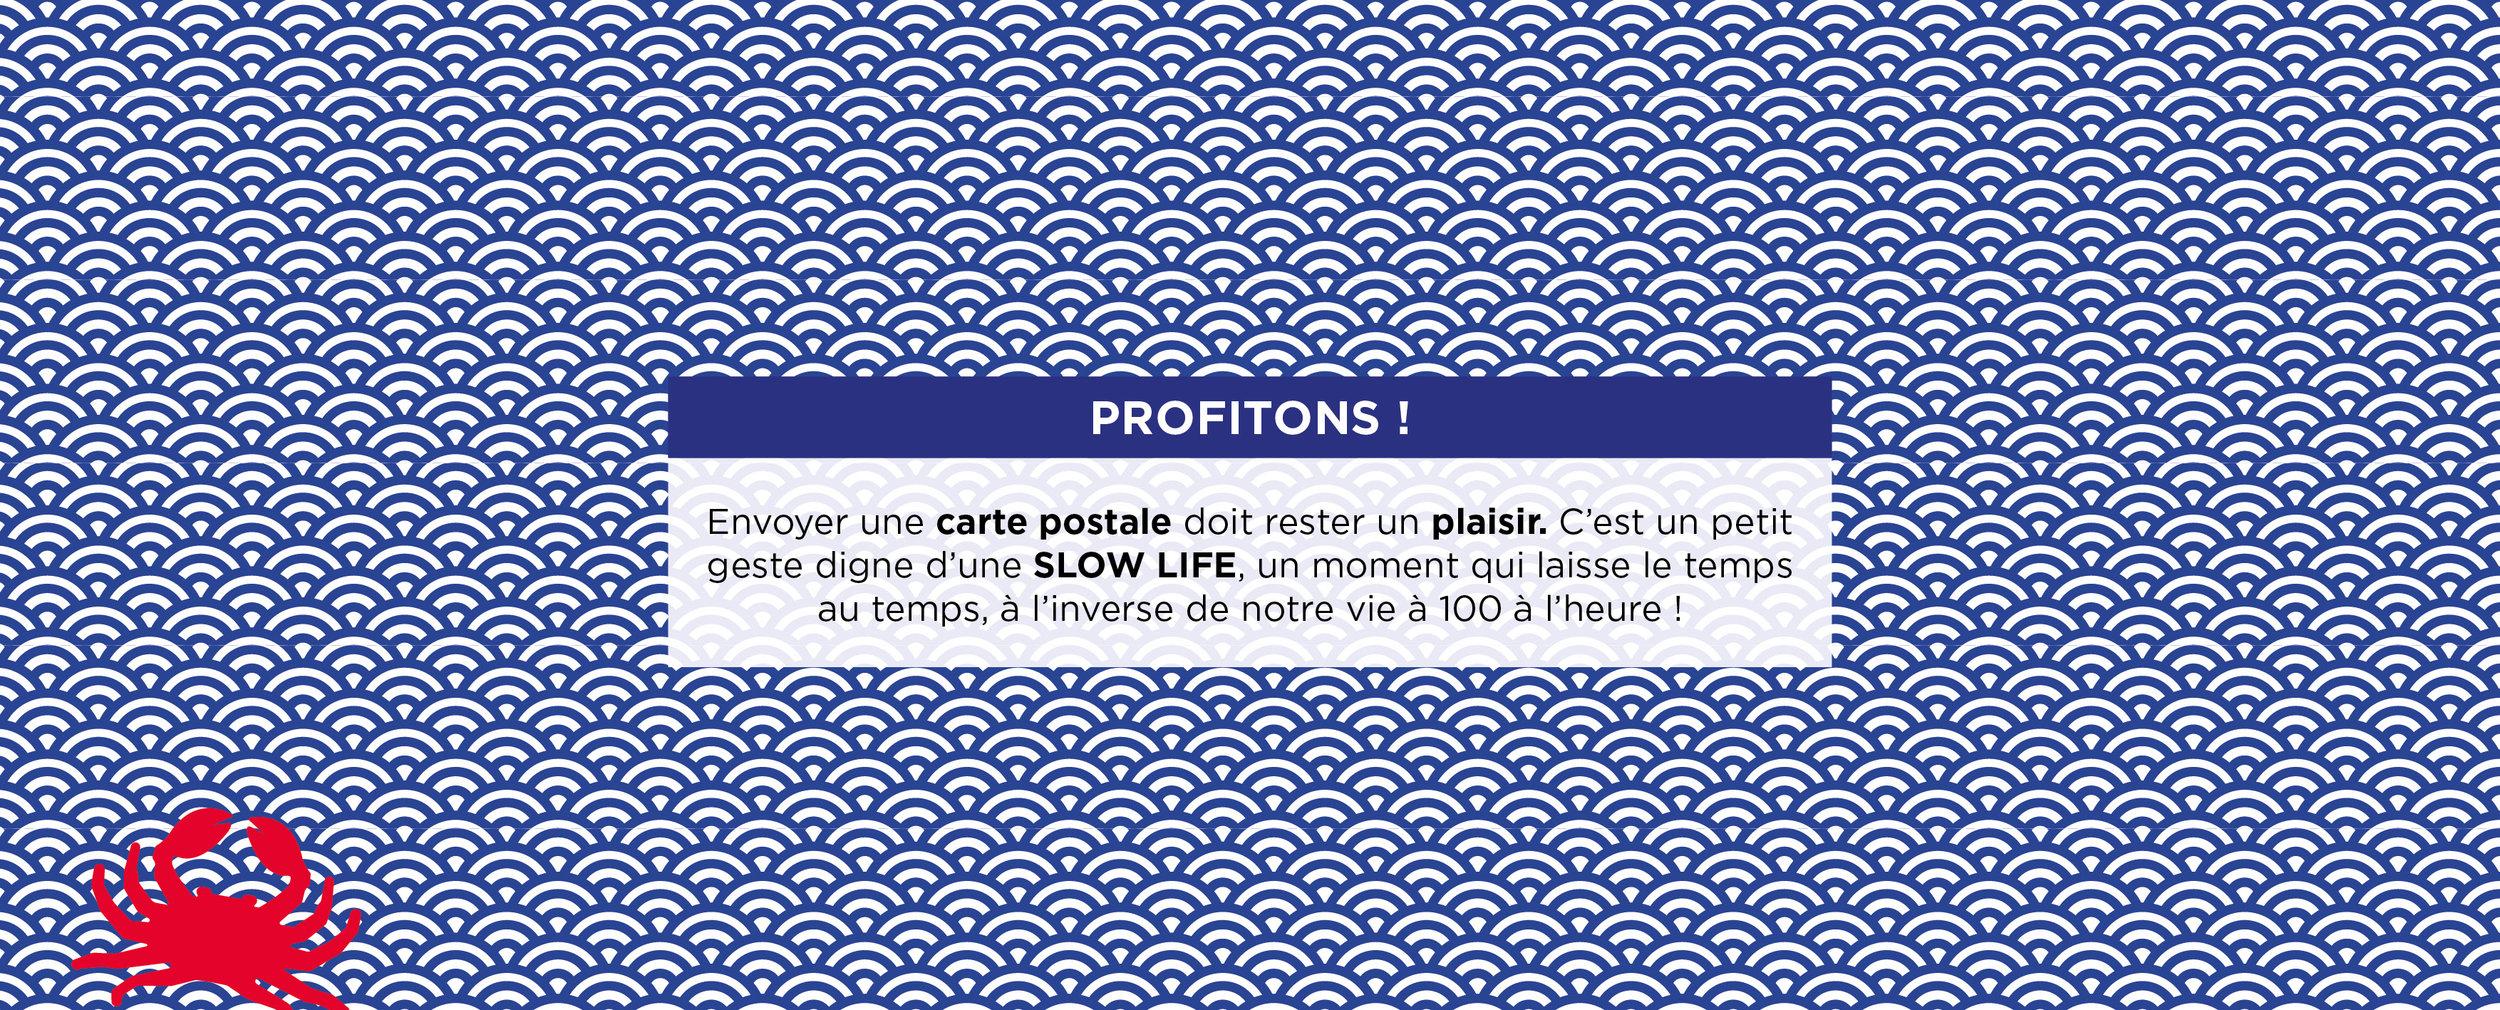 Banners d'accueil_bilpaper2019_5.jpg